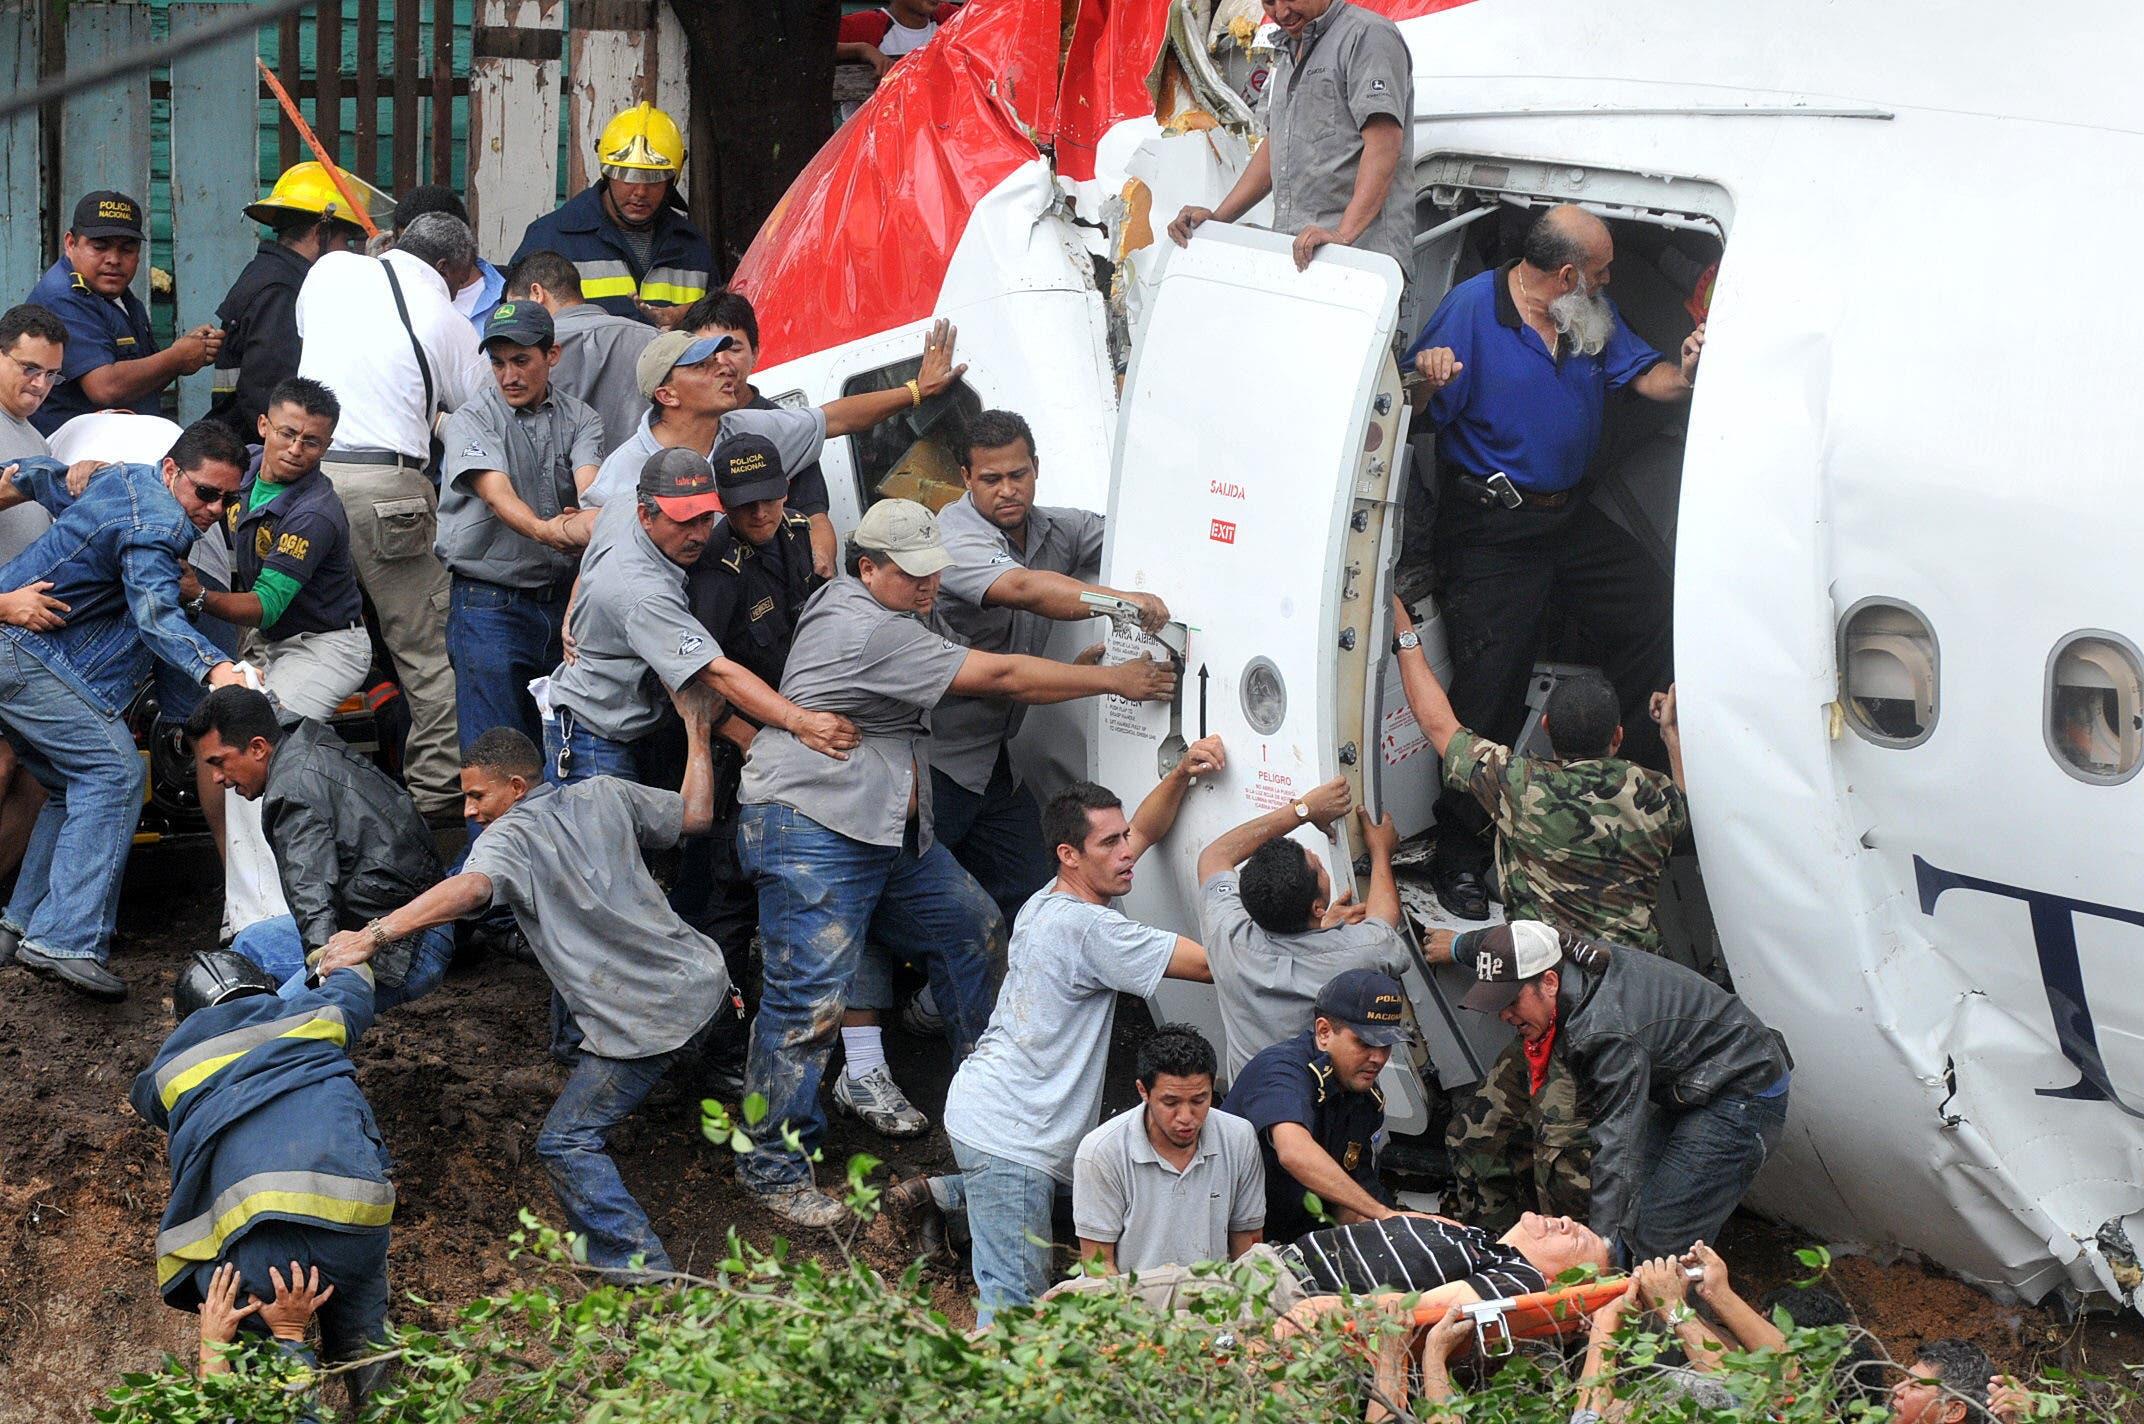 Cae avioneta sobre una casa en el sur de Brasil